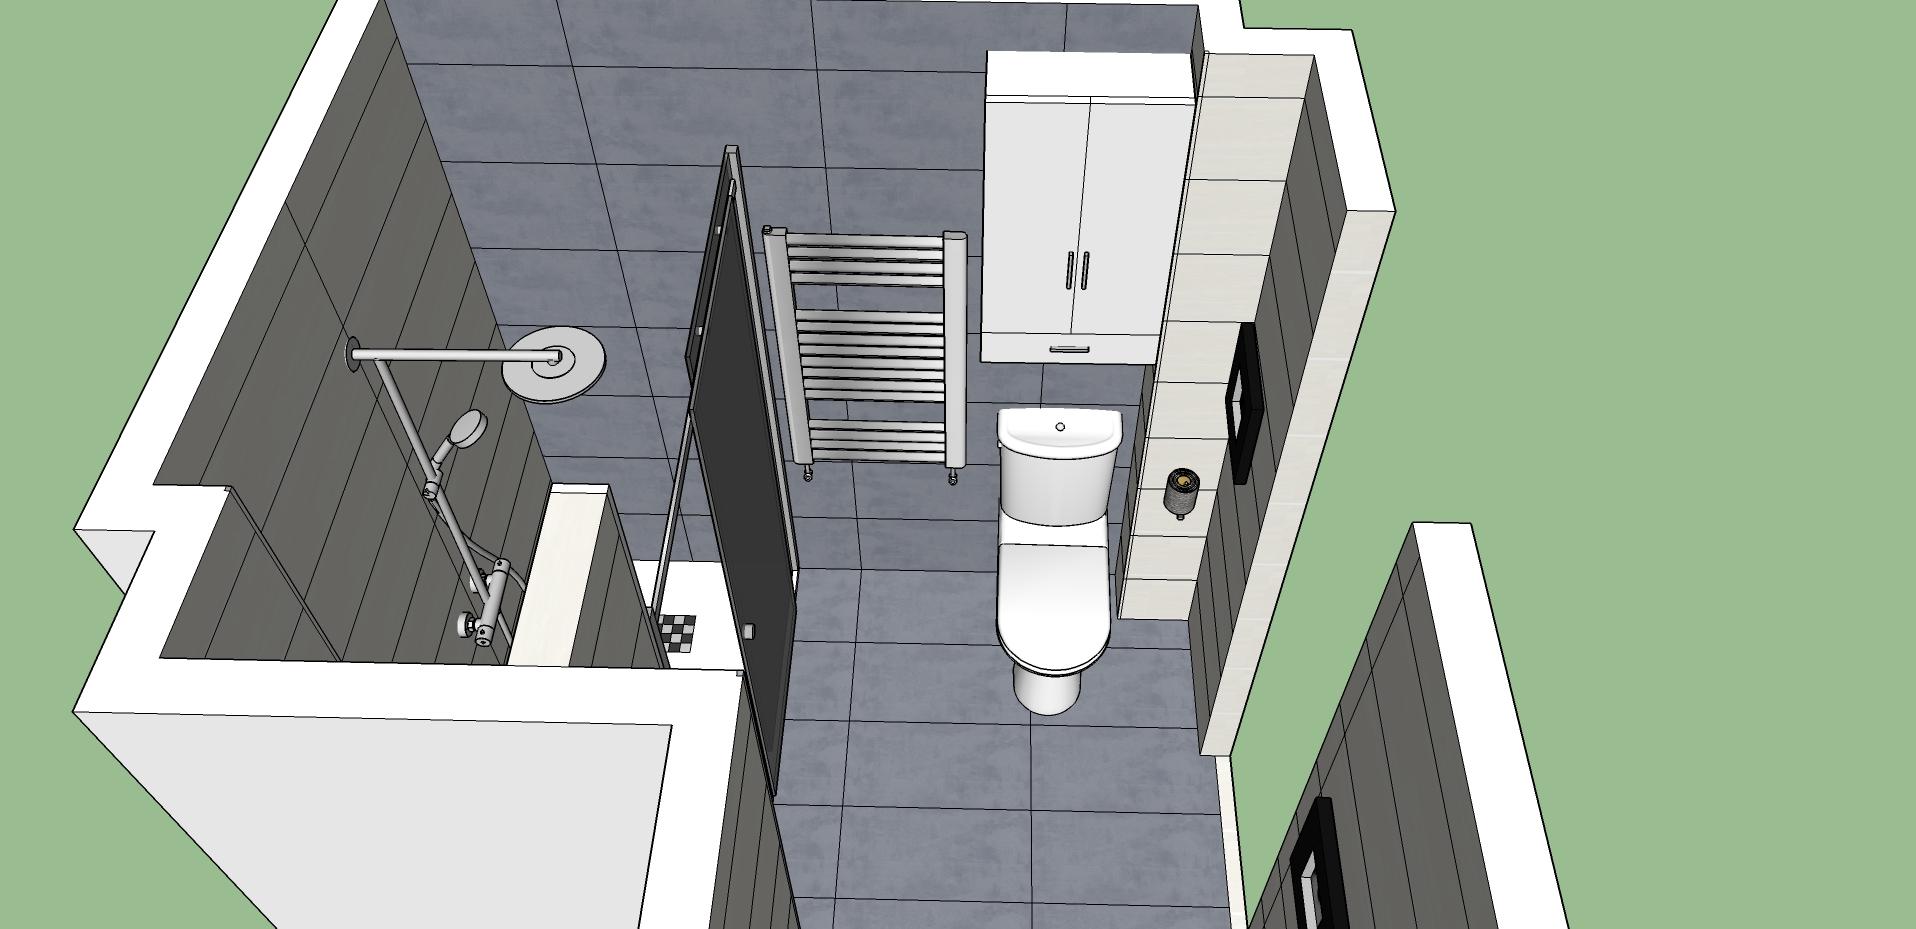 proyecto 3d-Baños-express-Baño-reforma-coruña-cambio bañera por plato de ducha-aseo-renovar-contratista-empresa-de-reformas-renueve su casa4